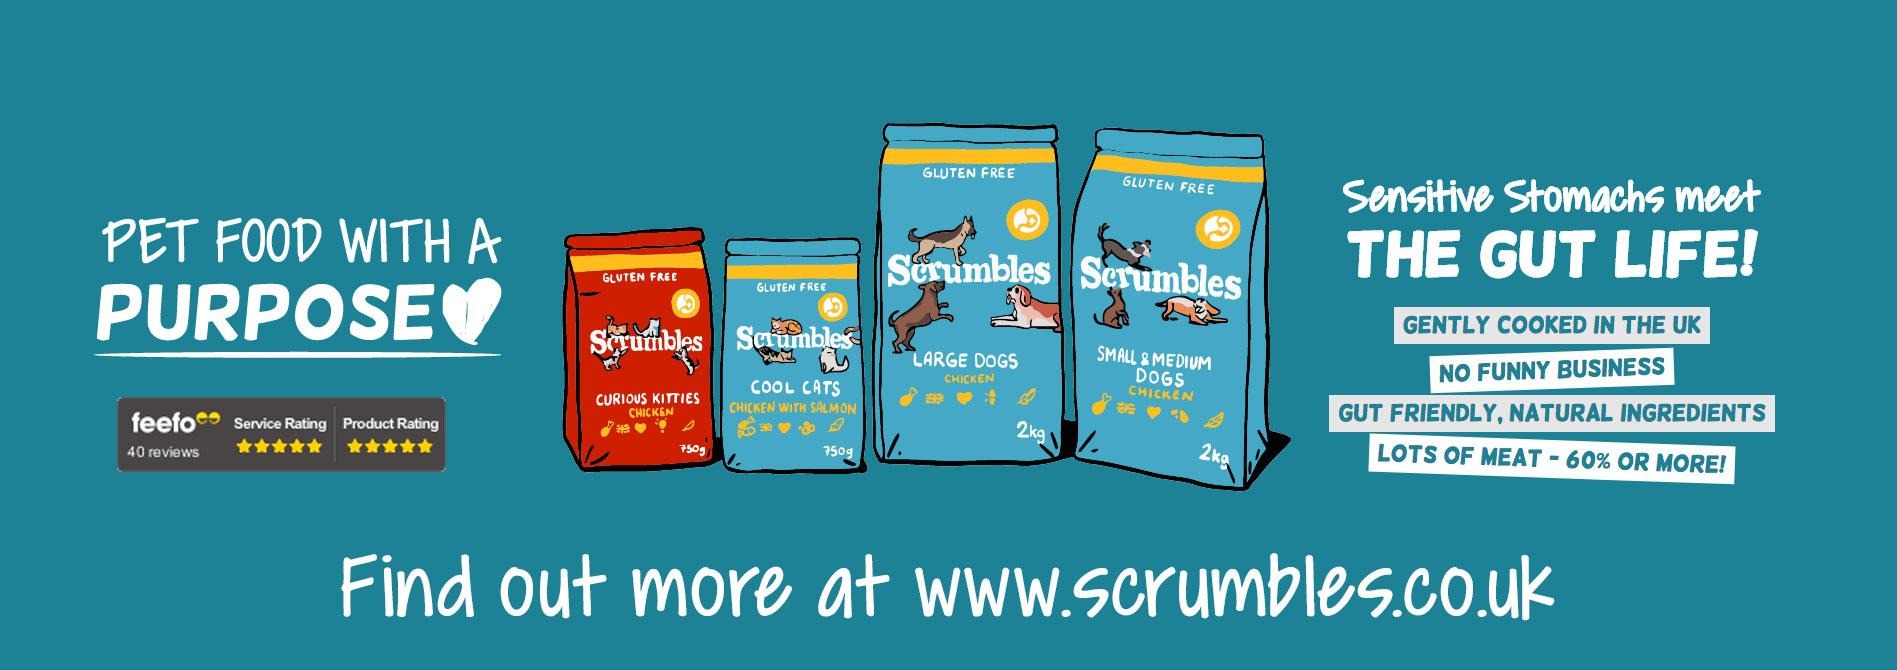 Scrumbles pet food